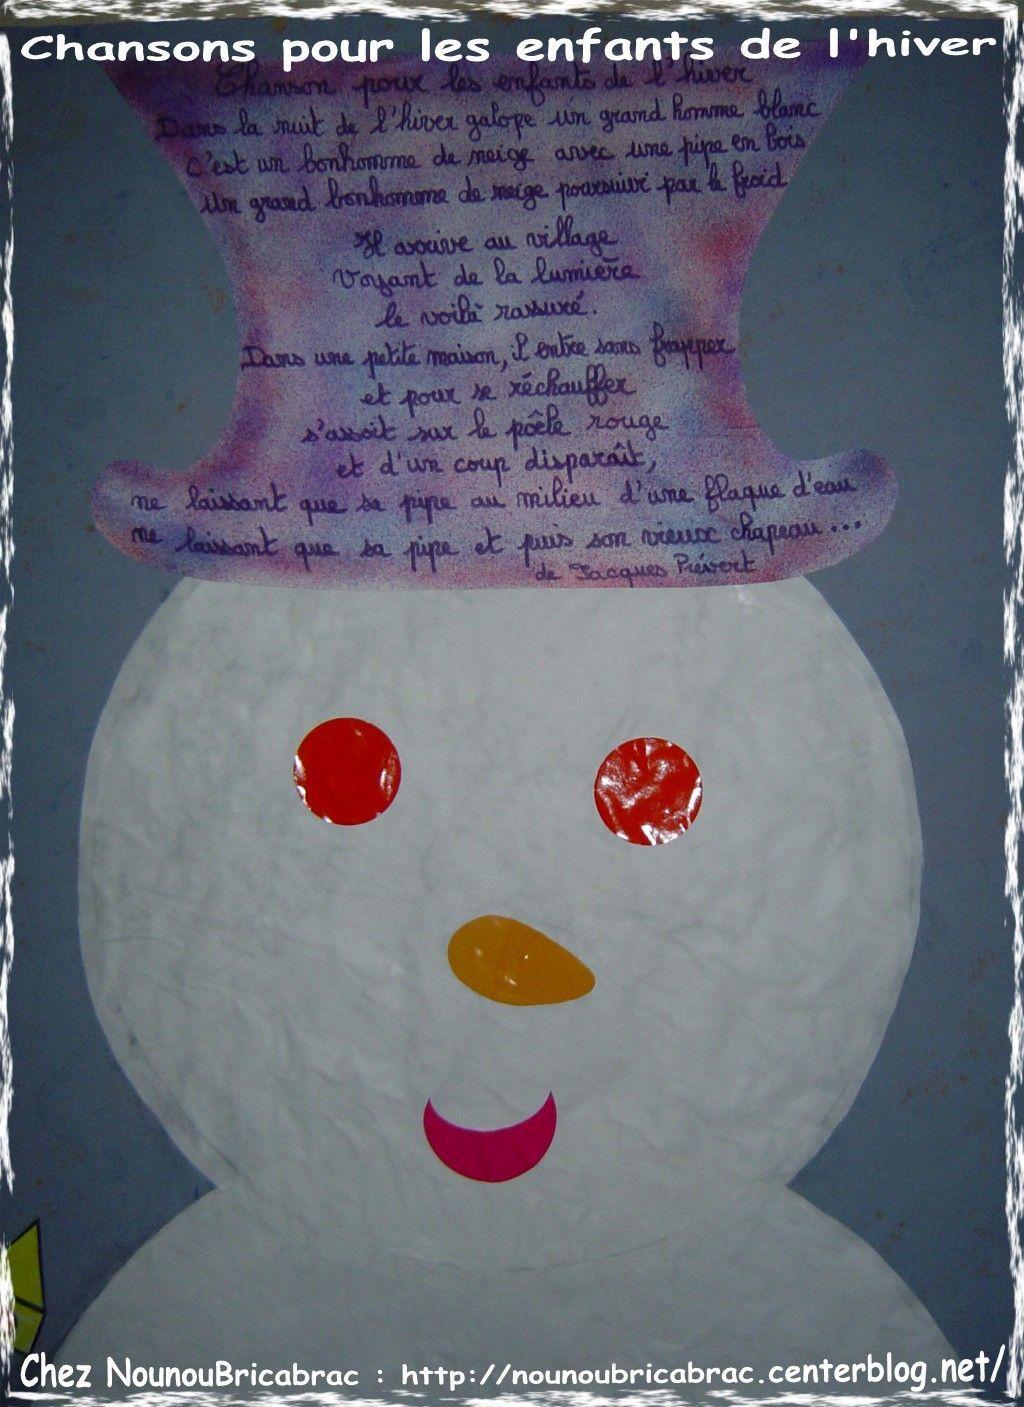 Chanson pour les enfants de l'hiver... poésie ou formulette